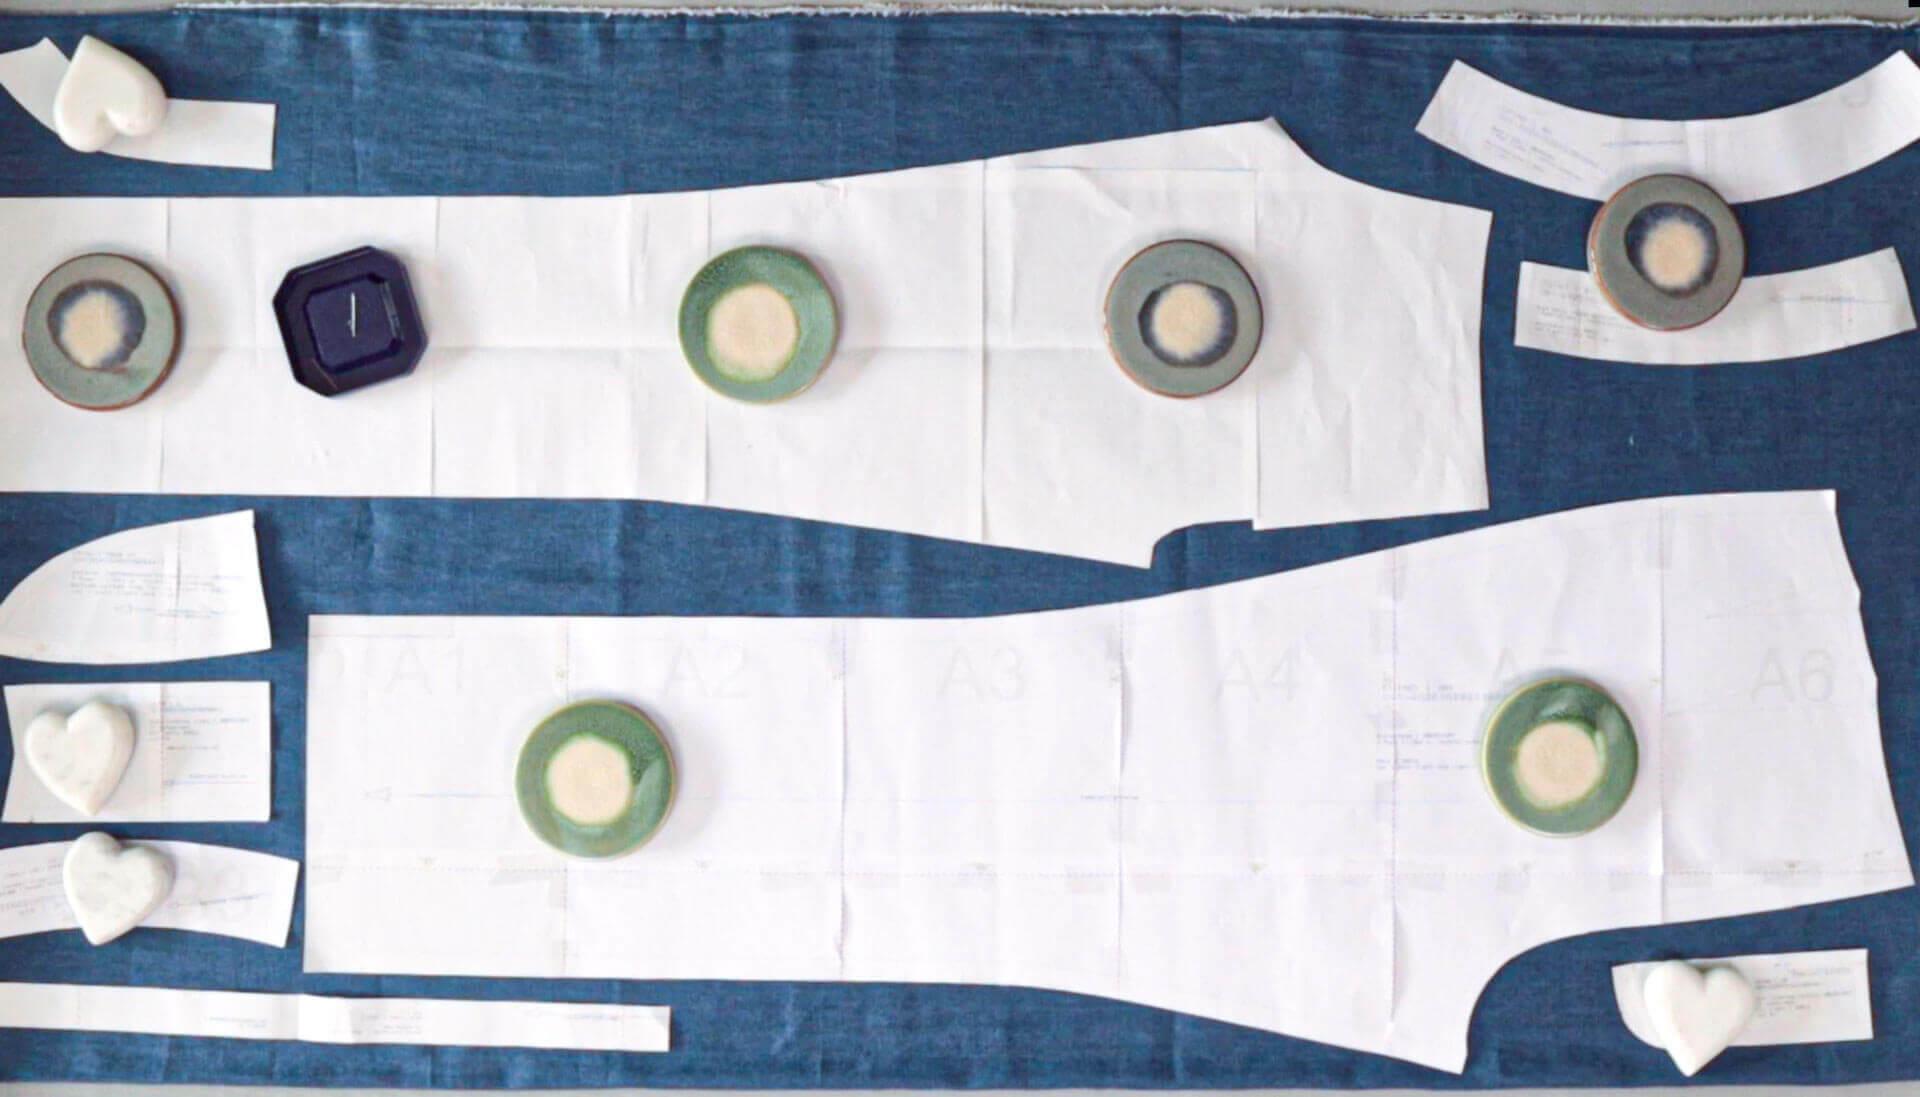 positionierte Schnitteile mit Stecknadeln oder Gewichten auf dem Stoff vor dem Verrutschen sichern